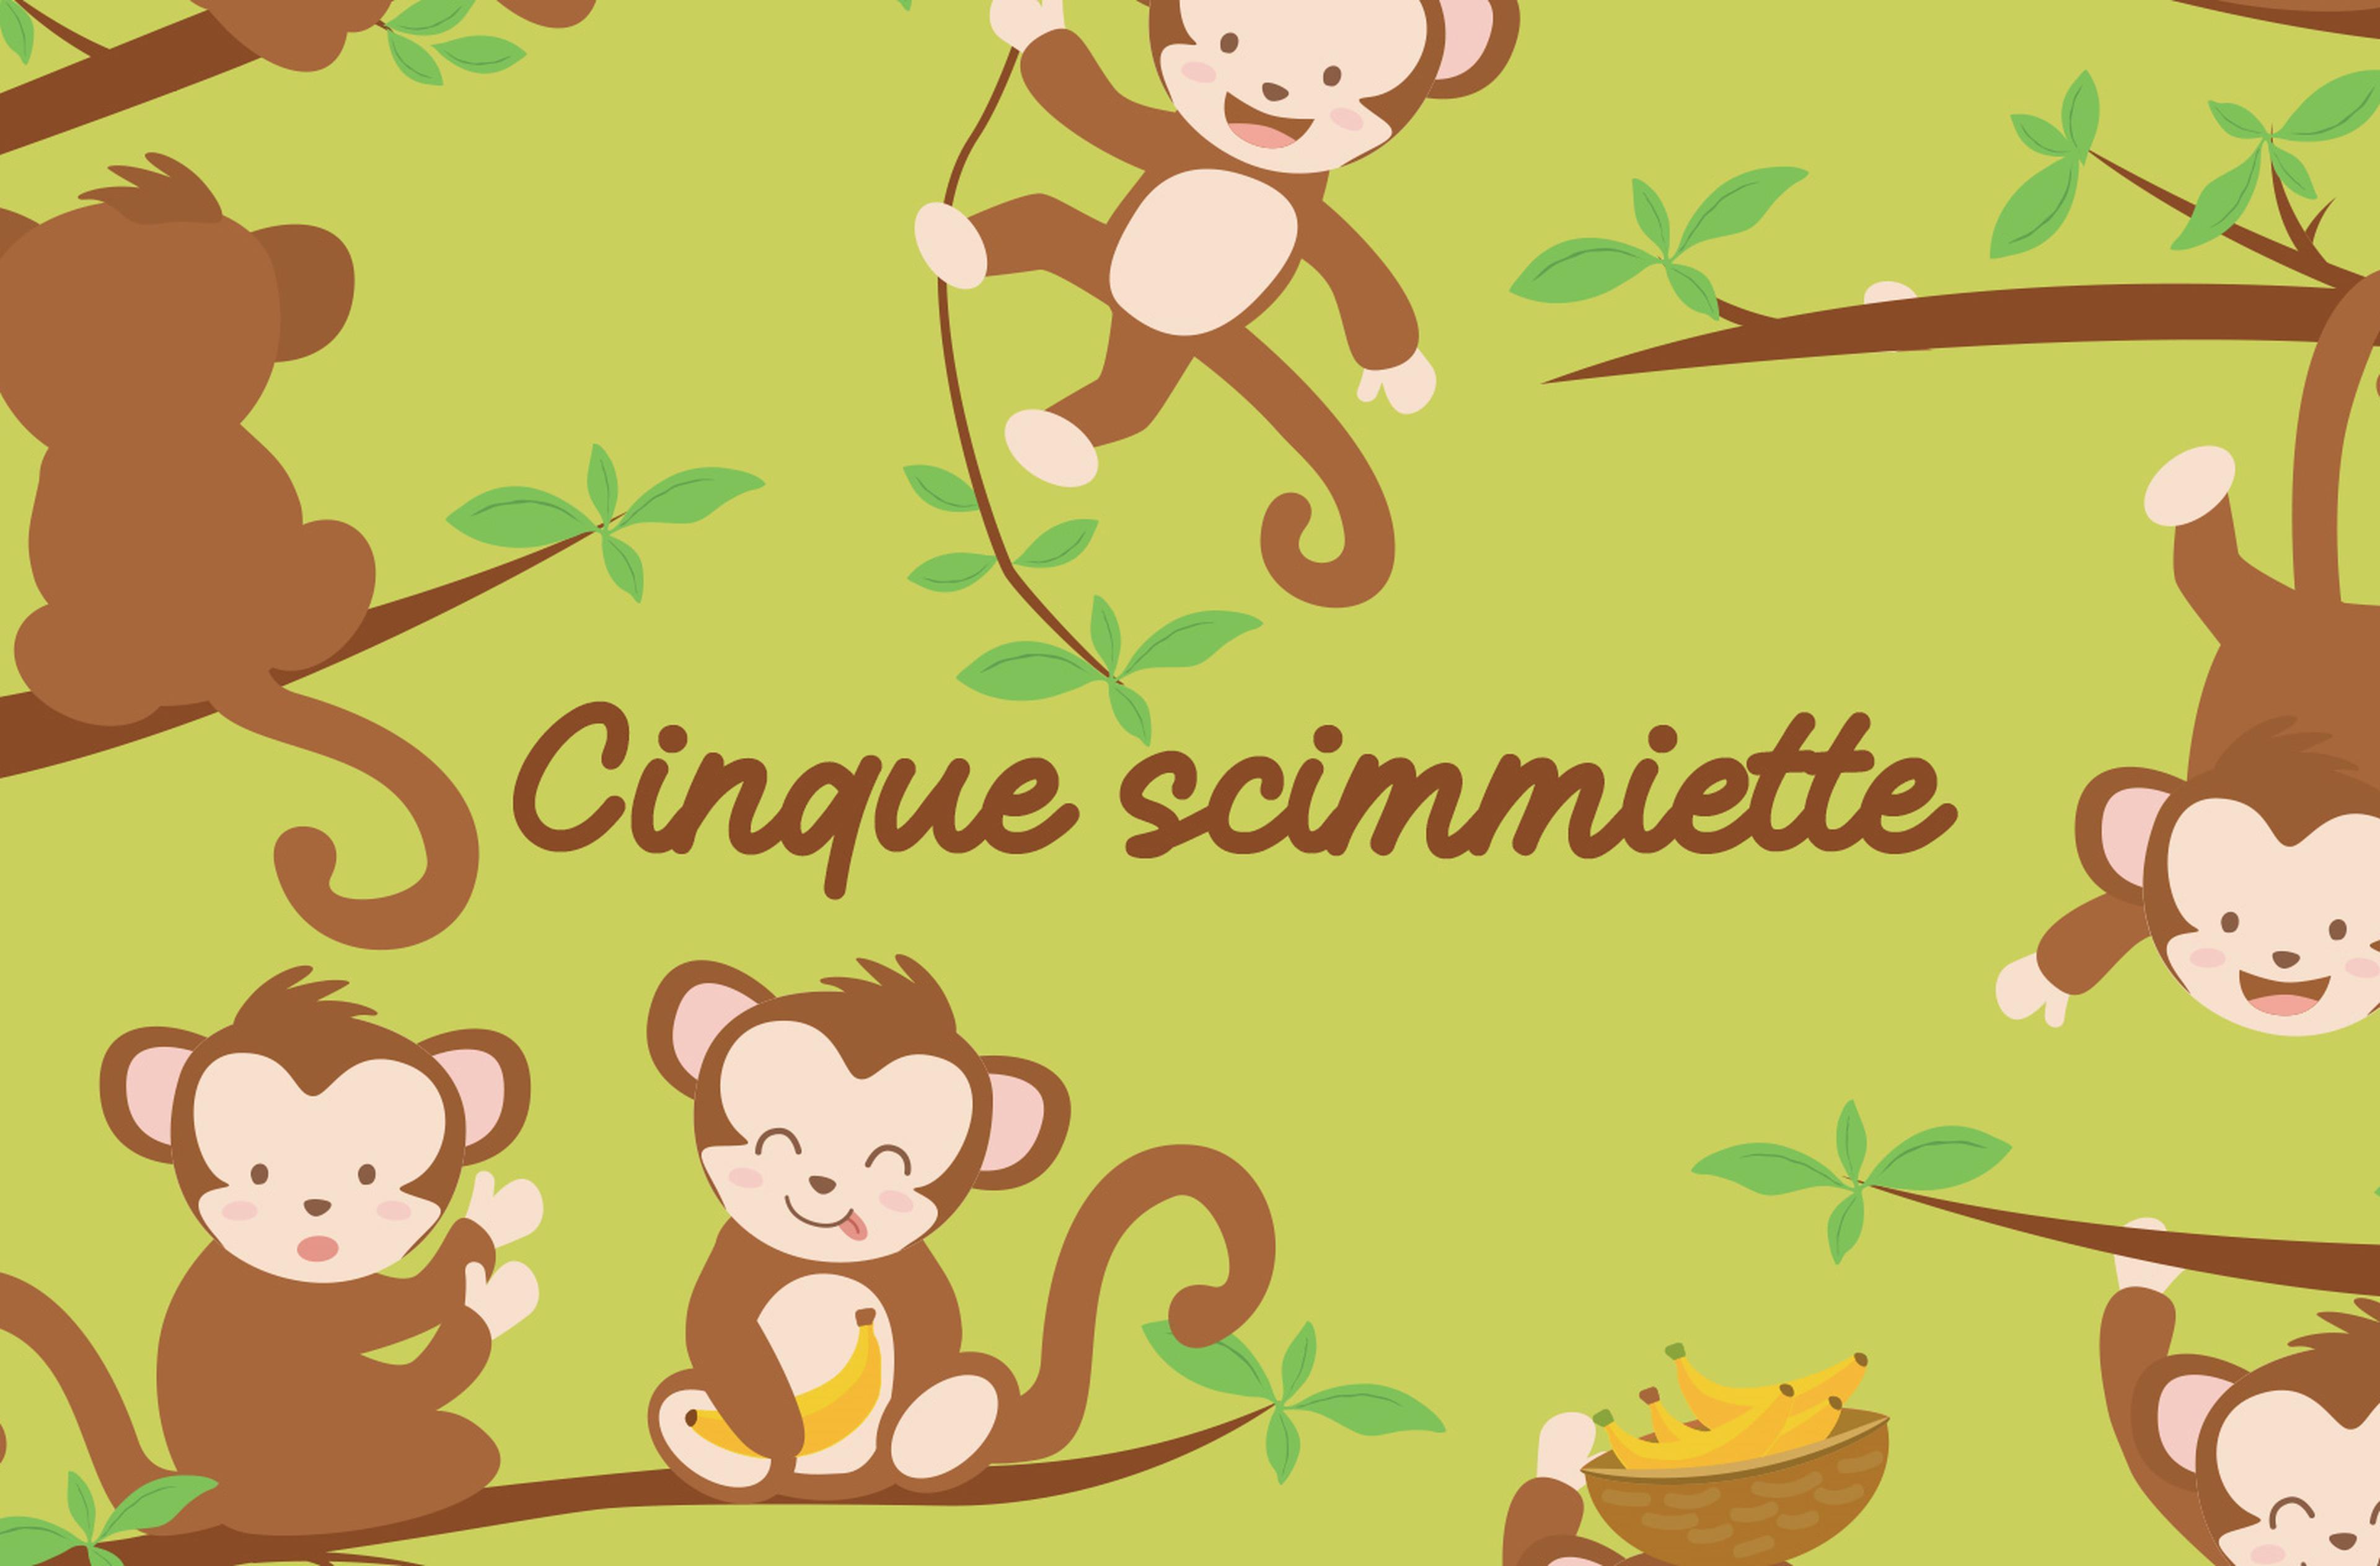 Cinque scimmiette: il testo in più lingue con il video del brano